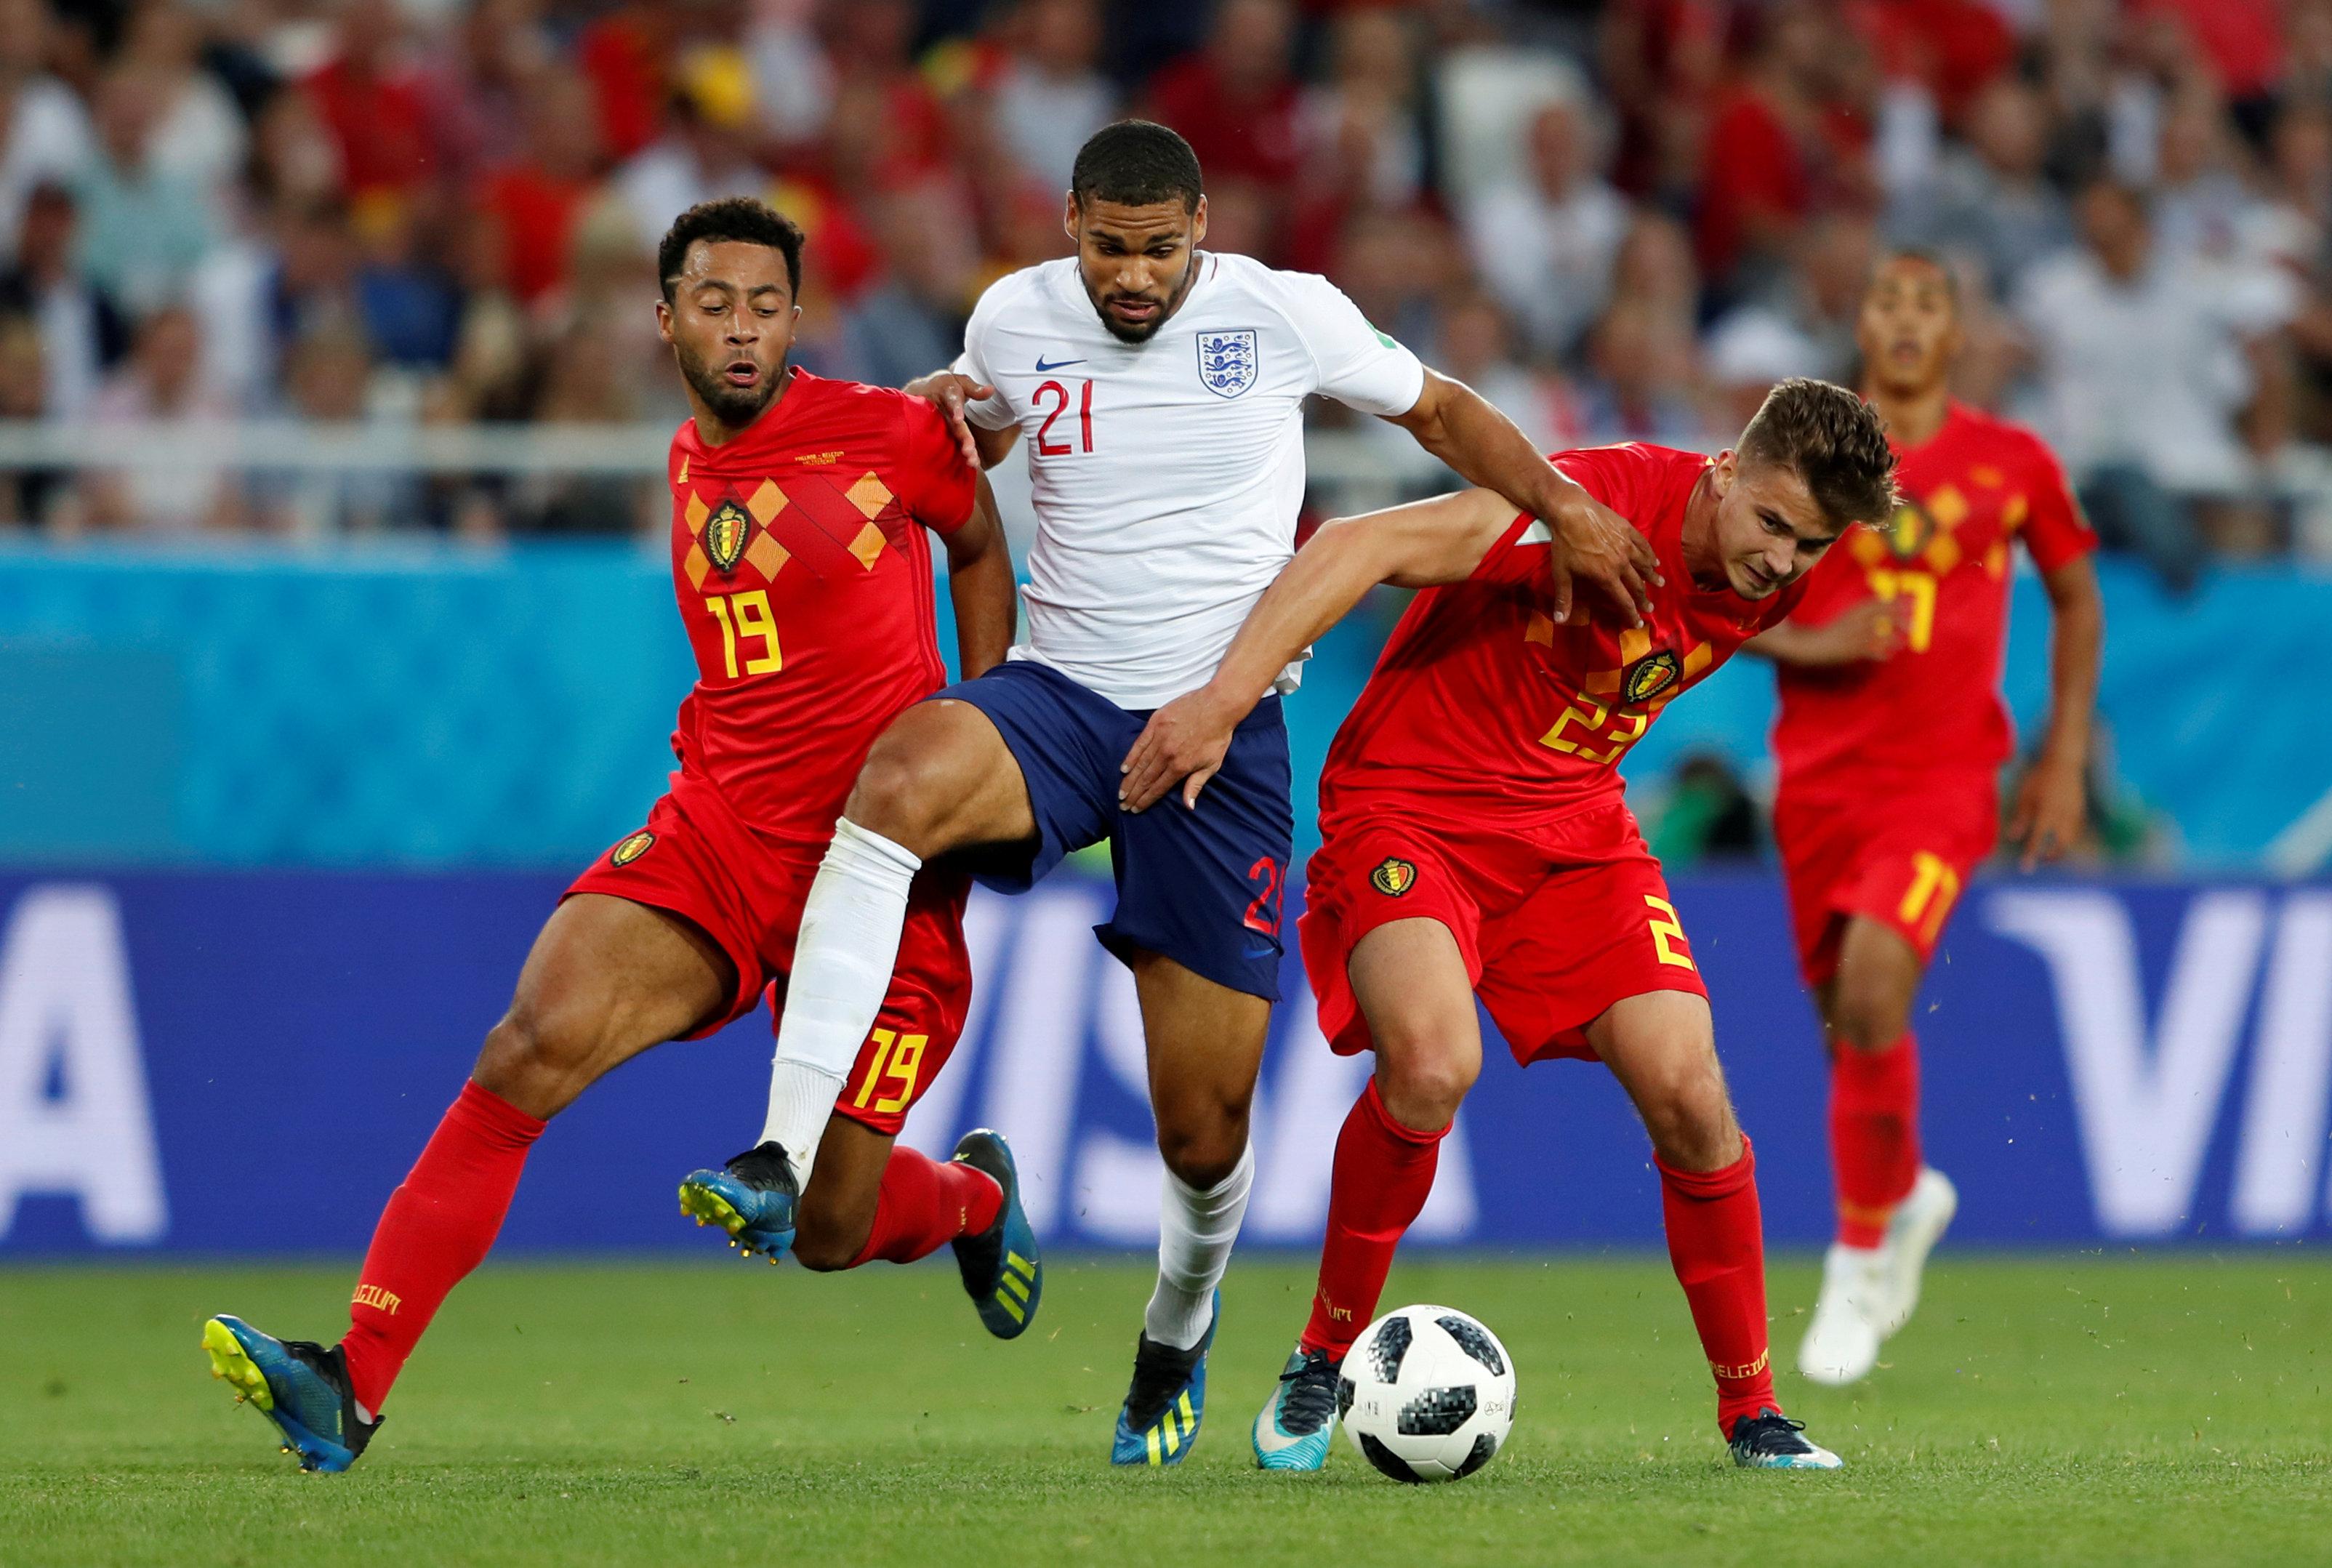 belgium vs england - photo #33